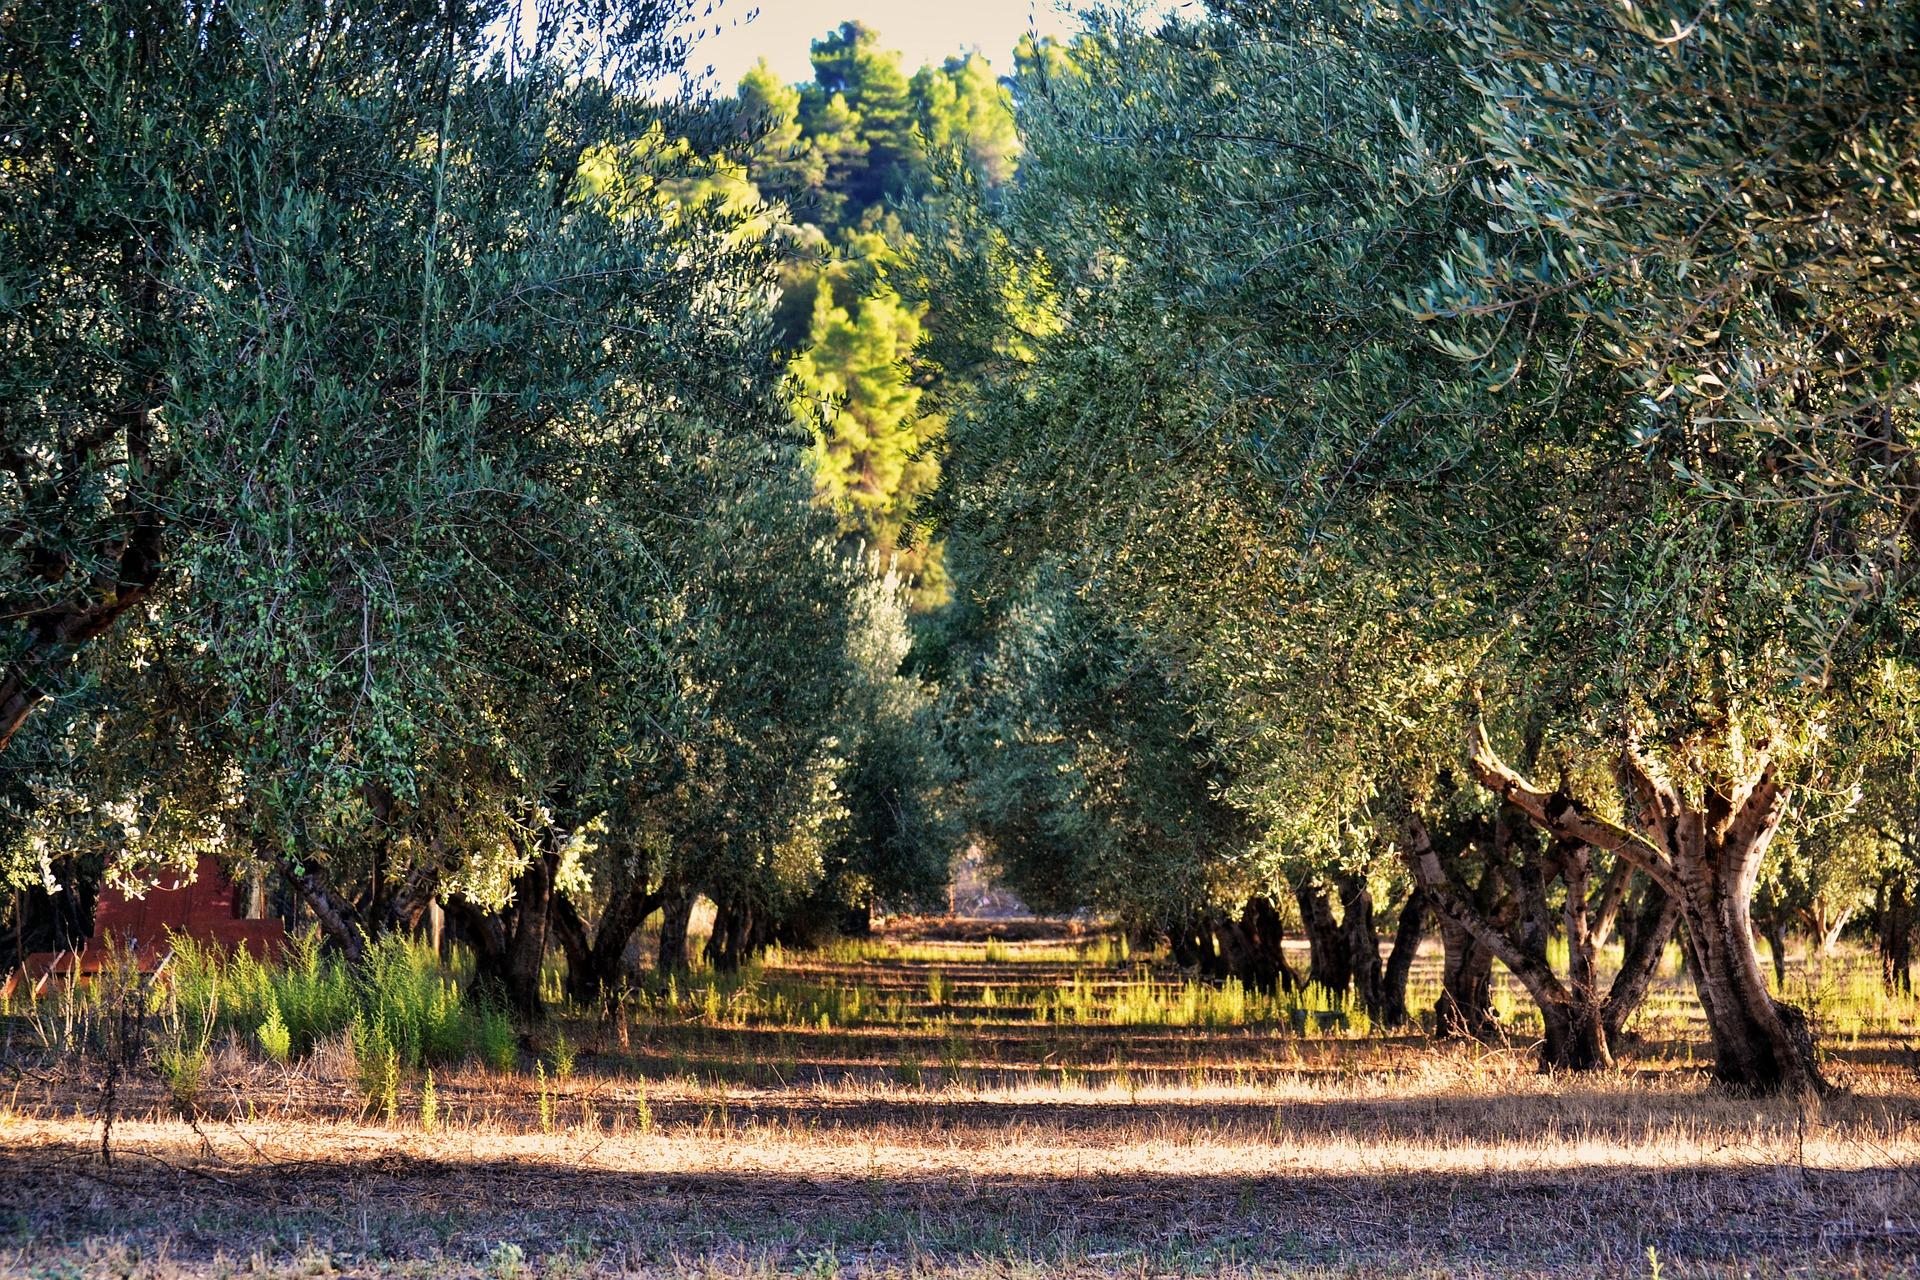 An olive farm